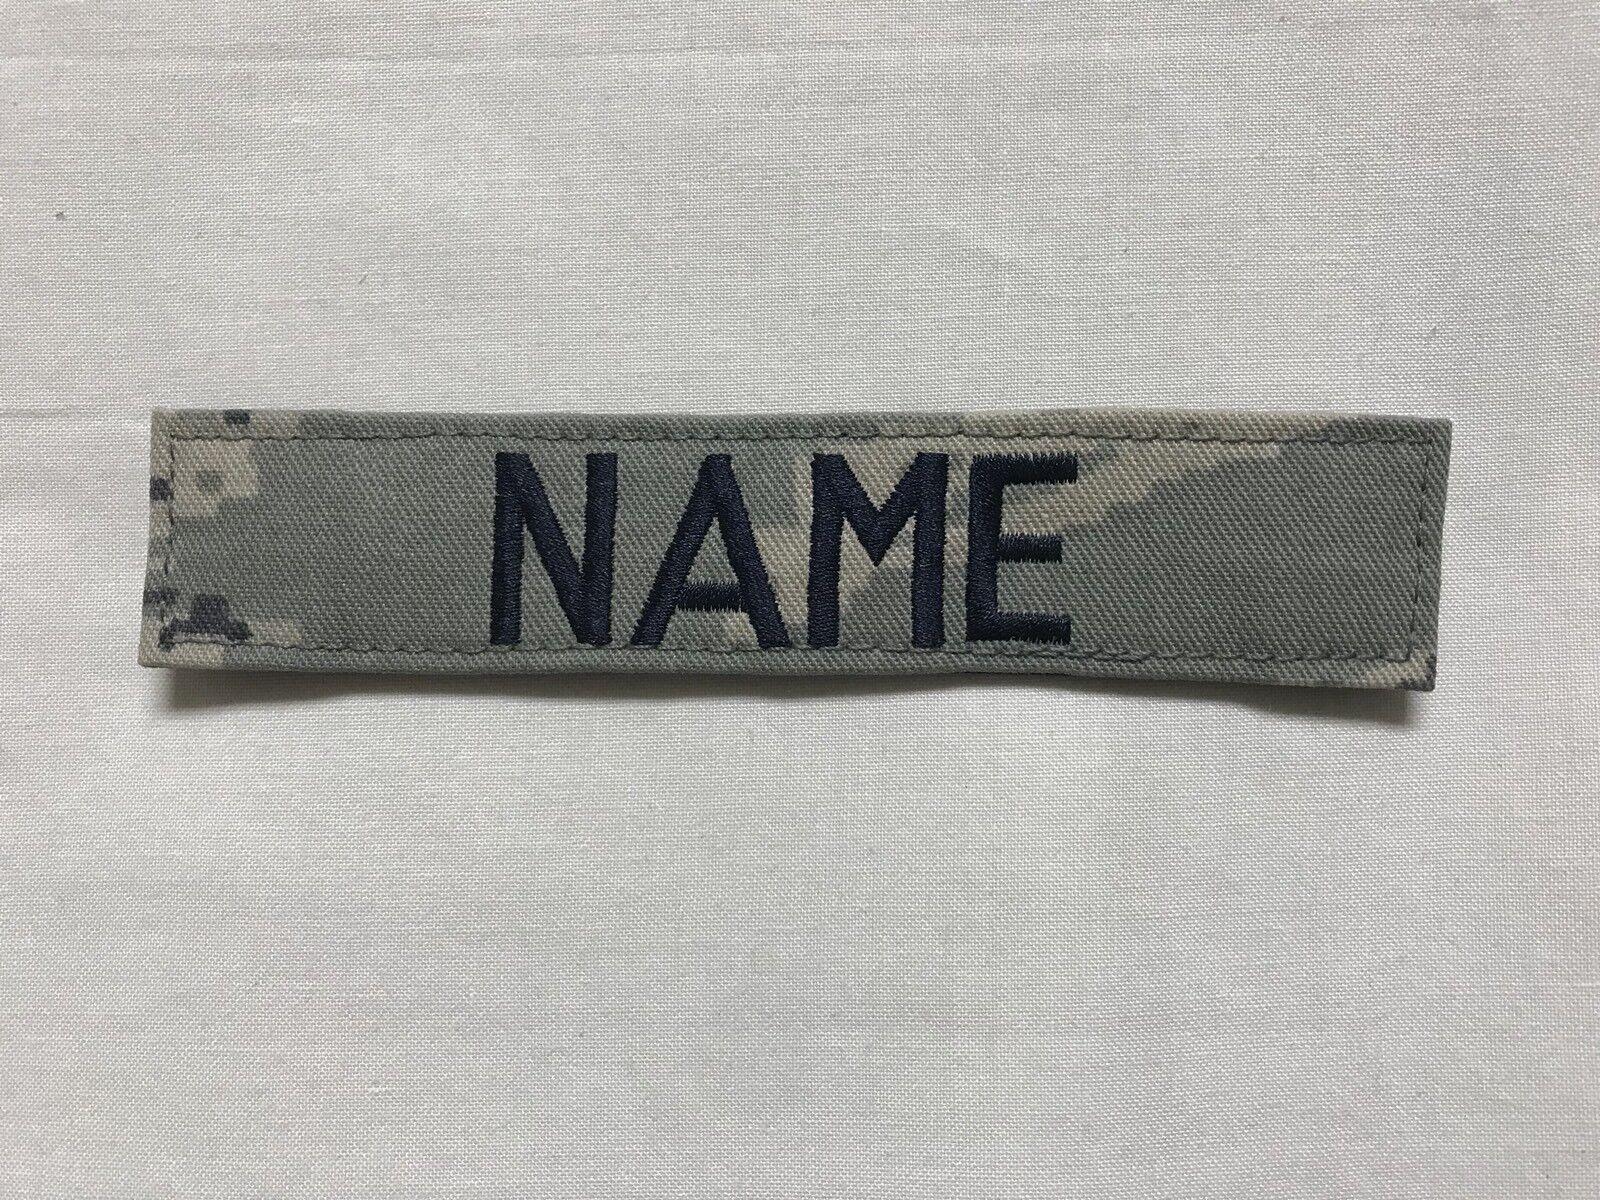 Abu Digital Tiger Stripe Name Tape 5 Inch Length